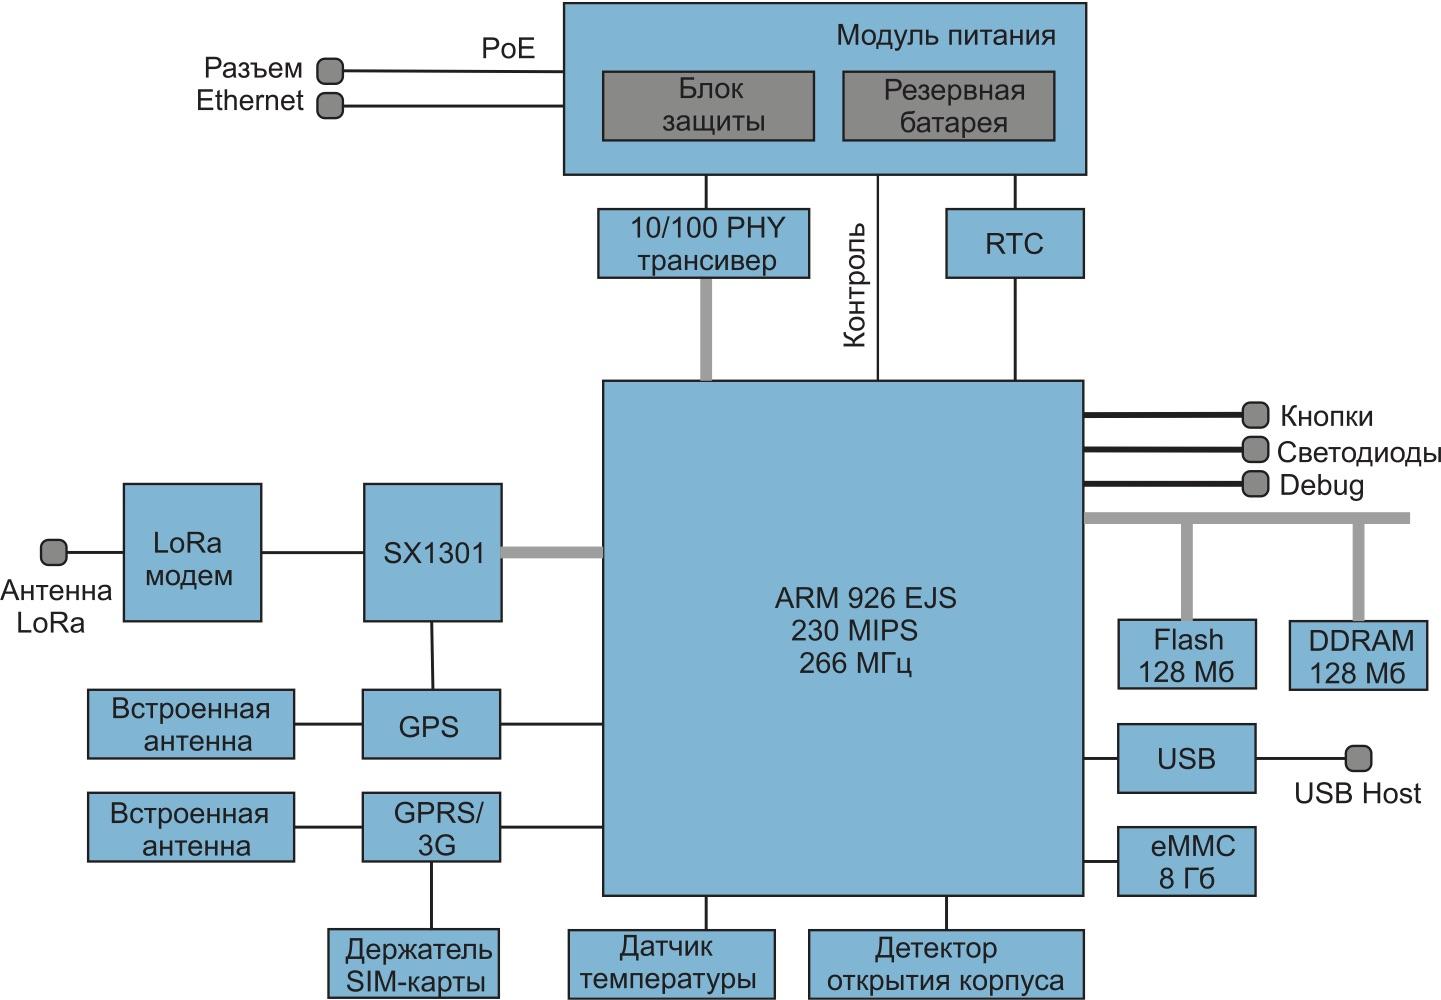 Внутренняя структура базовых станций Kerlink